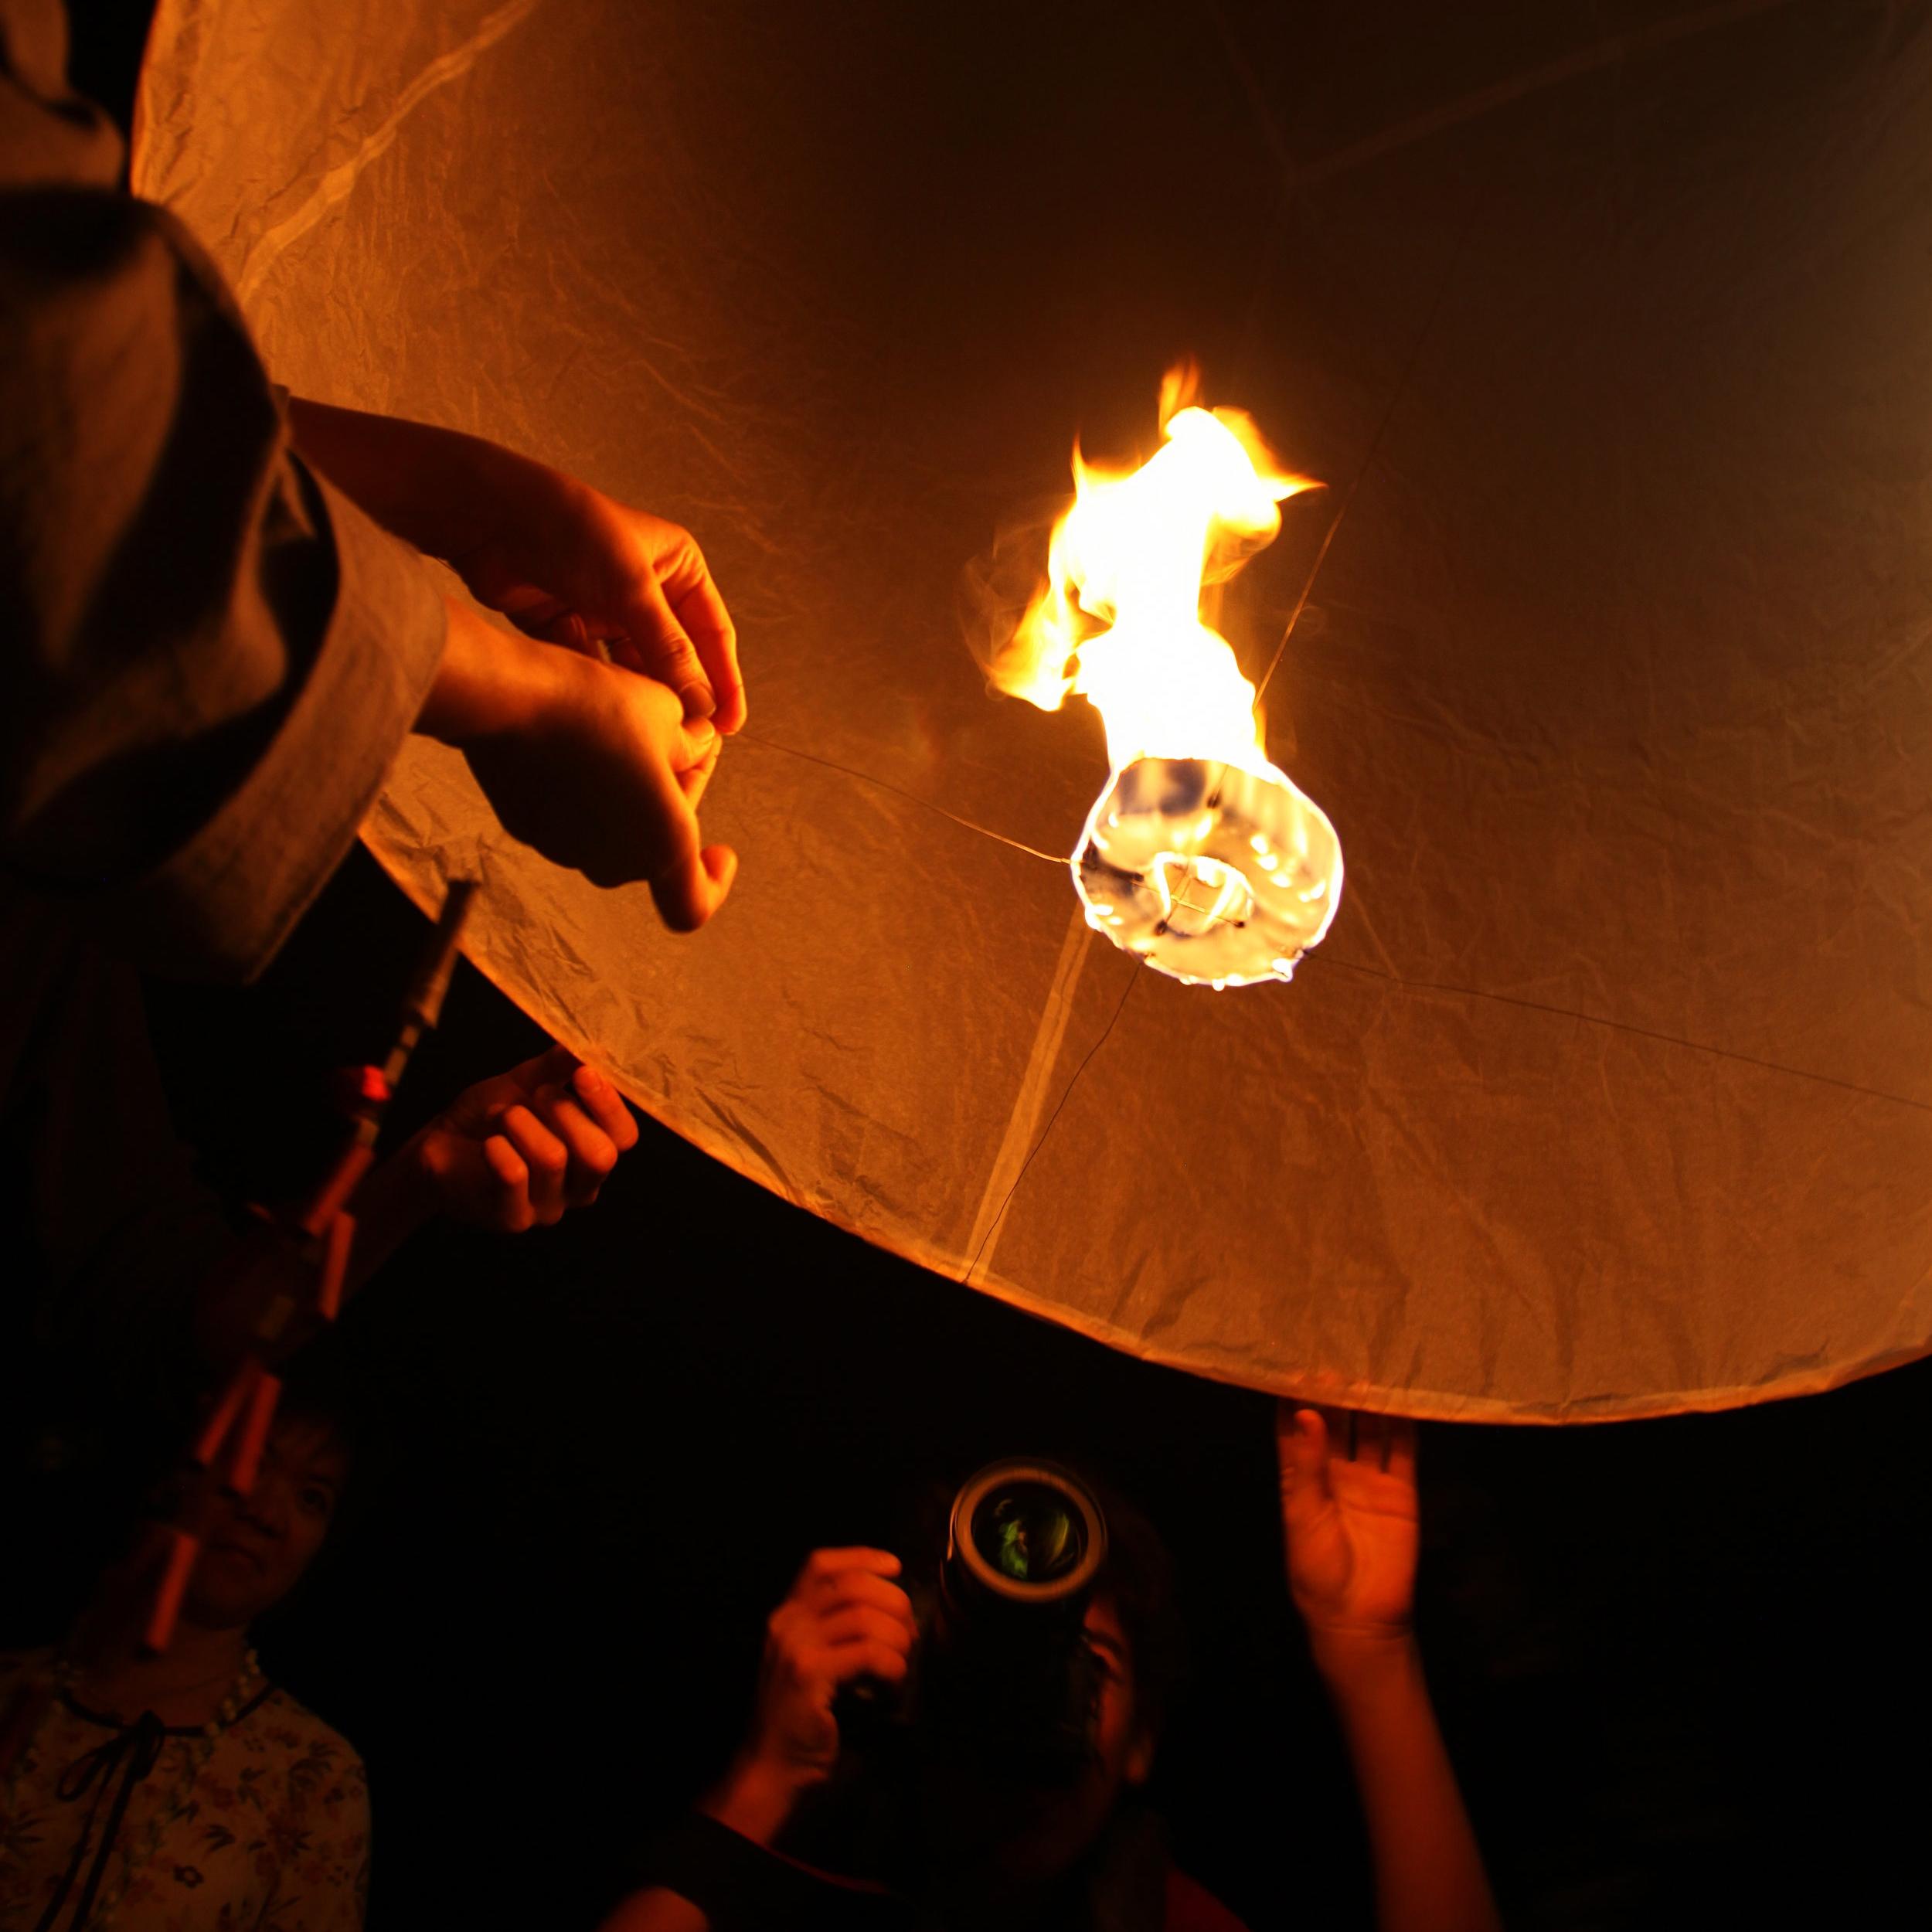 Paper Lantern, Chiang Mai Thailand 2012